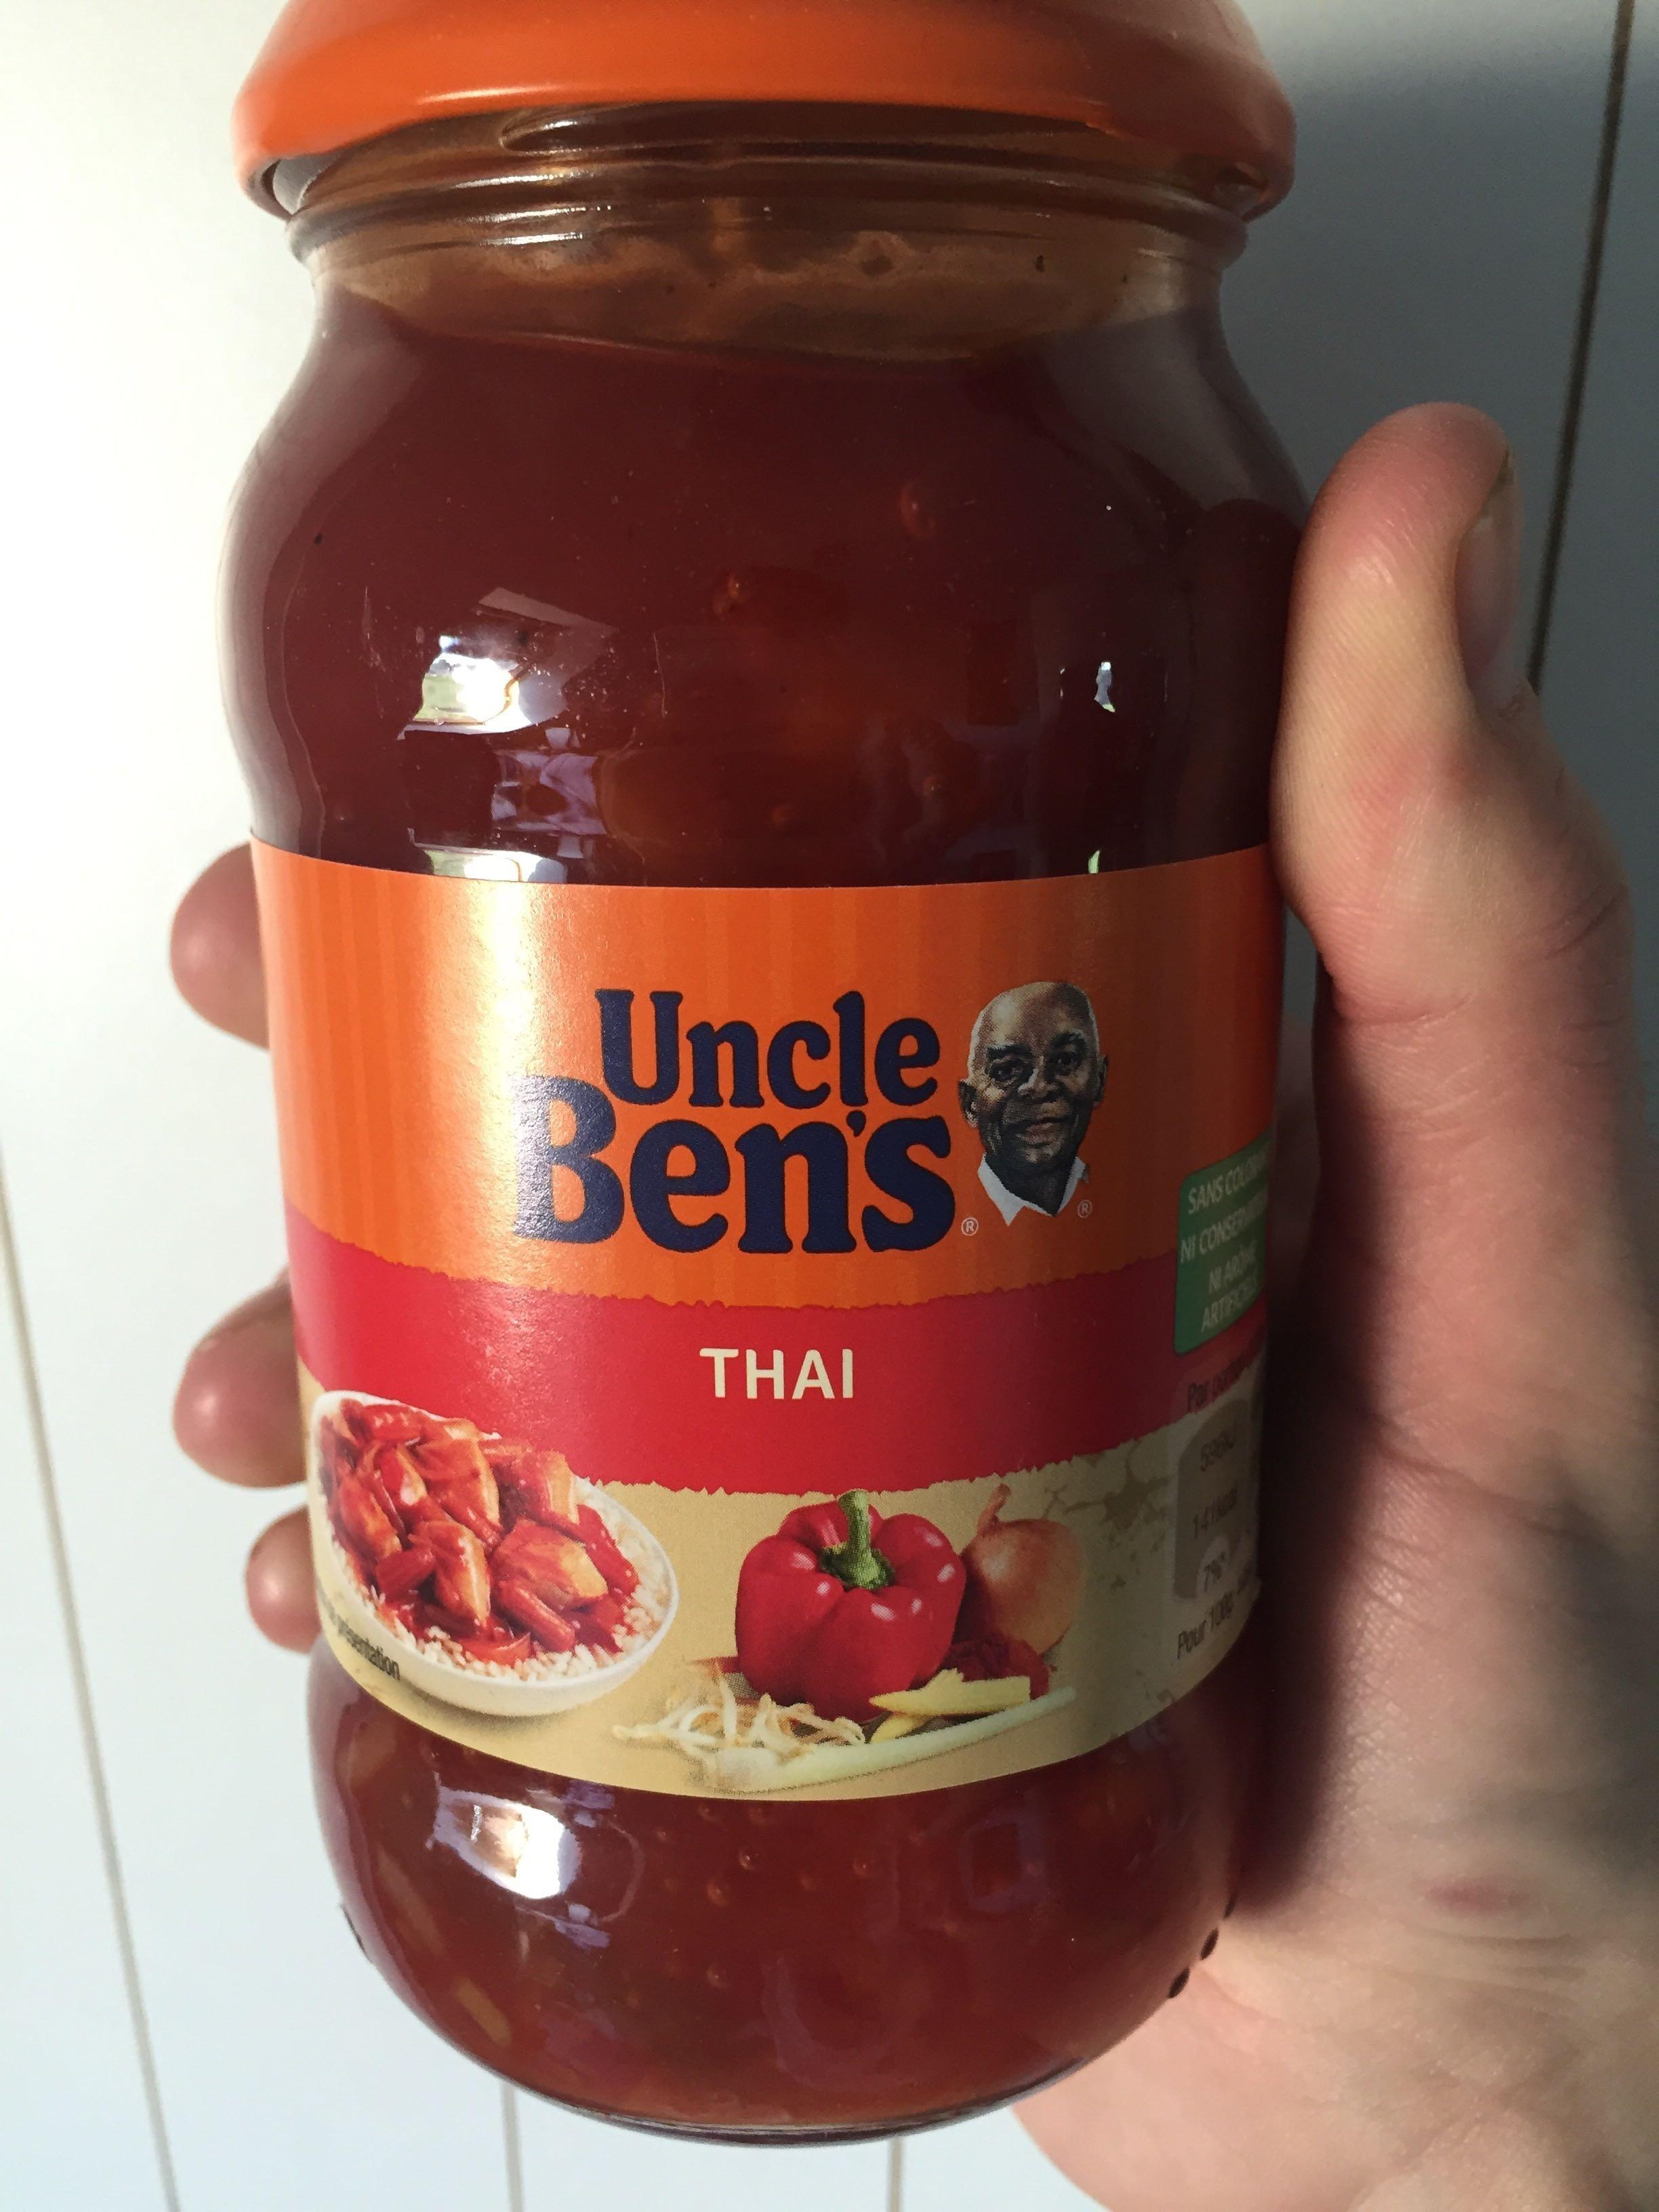 Bocal 400G Sauce Thai Legumes Croquants Uncle Bens - Product - fr